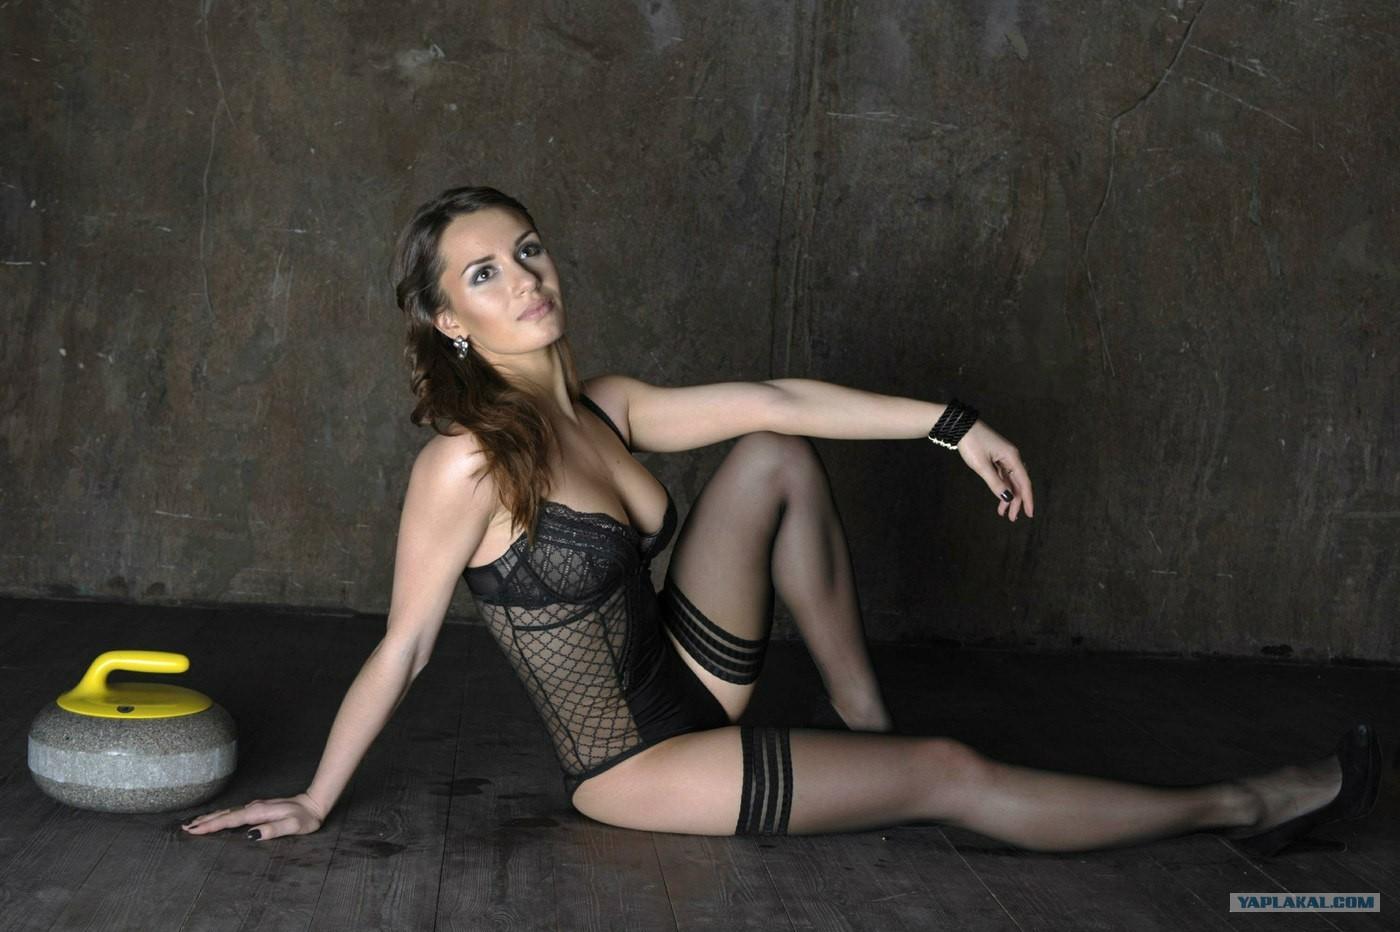 Голая Ани Лорак эротические фото Обнаженная Ани Лорак